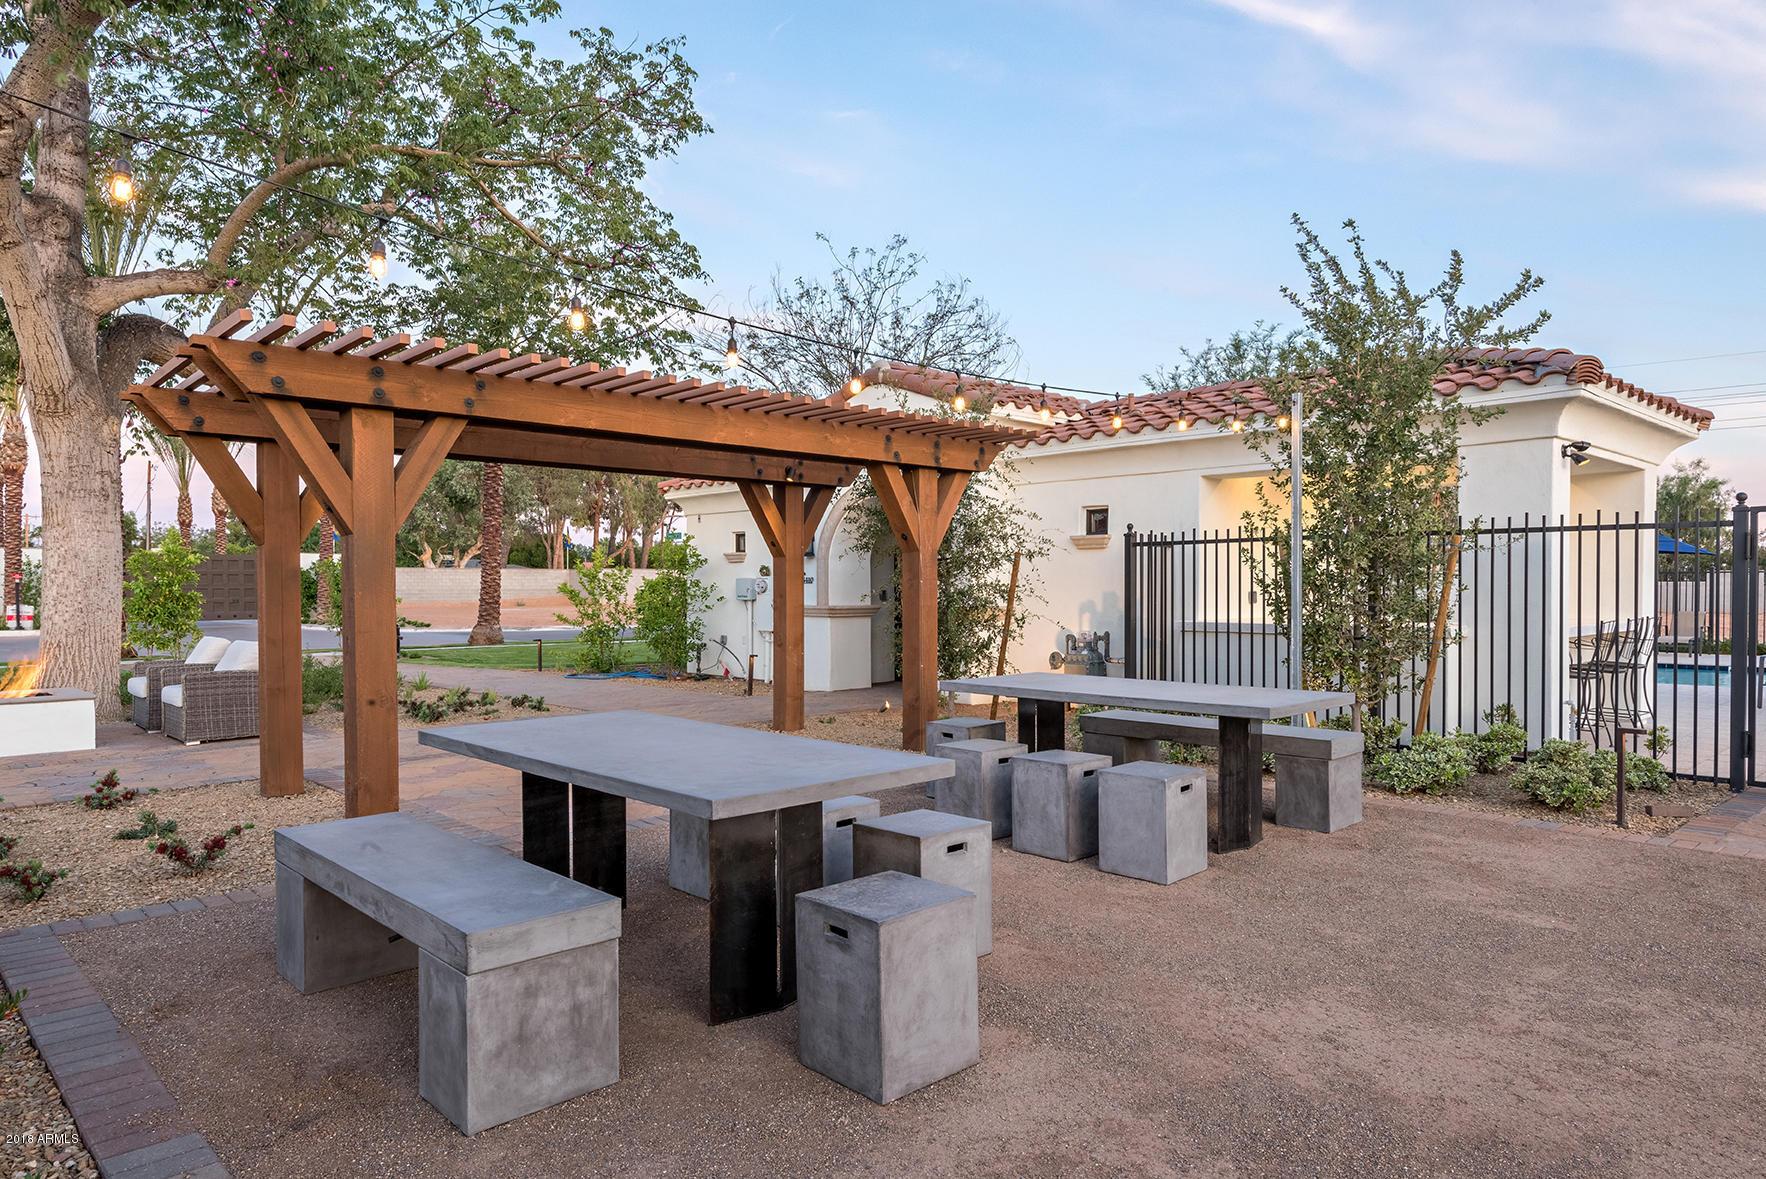 MLS 5767723 3511 N 39TH Place, Phoenix, AZ 85018 Phoenix AZ Newly Built